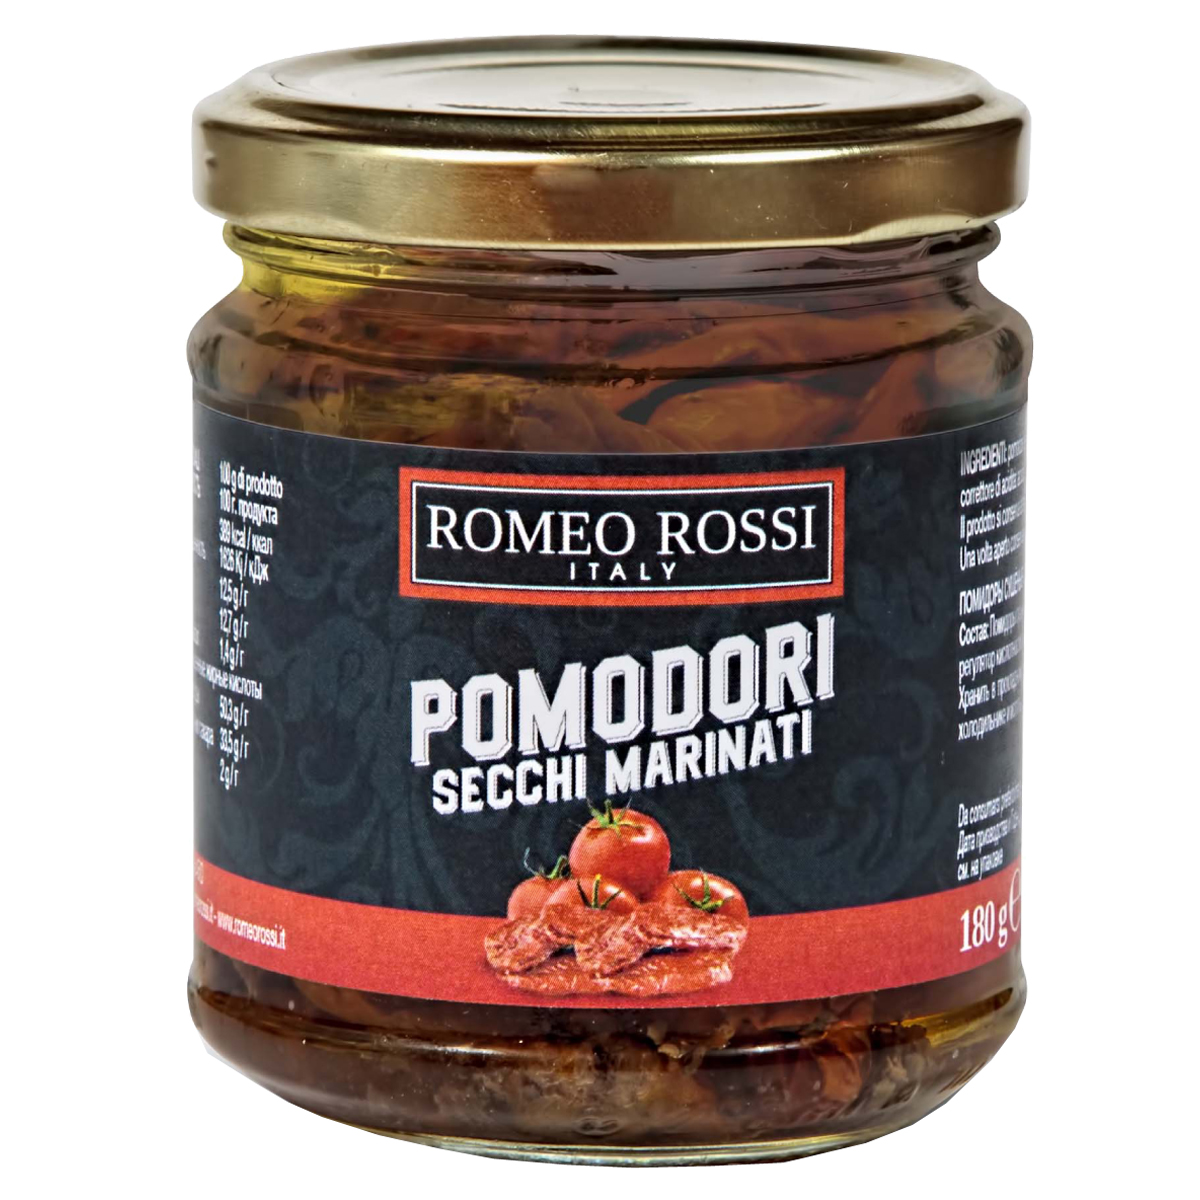 Romeo Rossi помидоры вяленые маринованные, 180 г пудовъ орегано сушеный 20 г